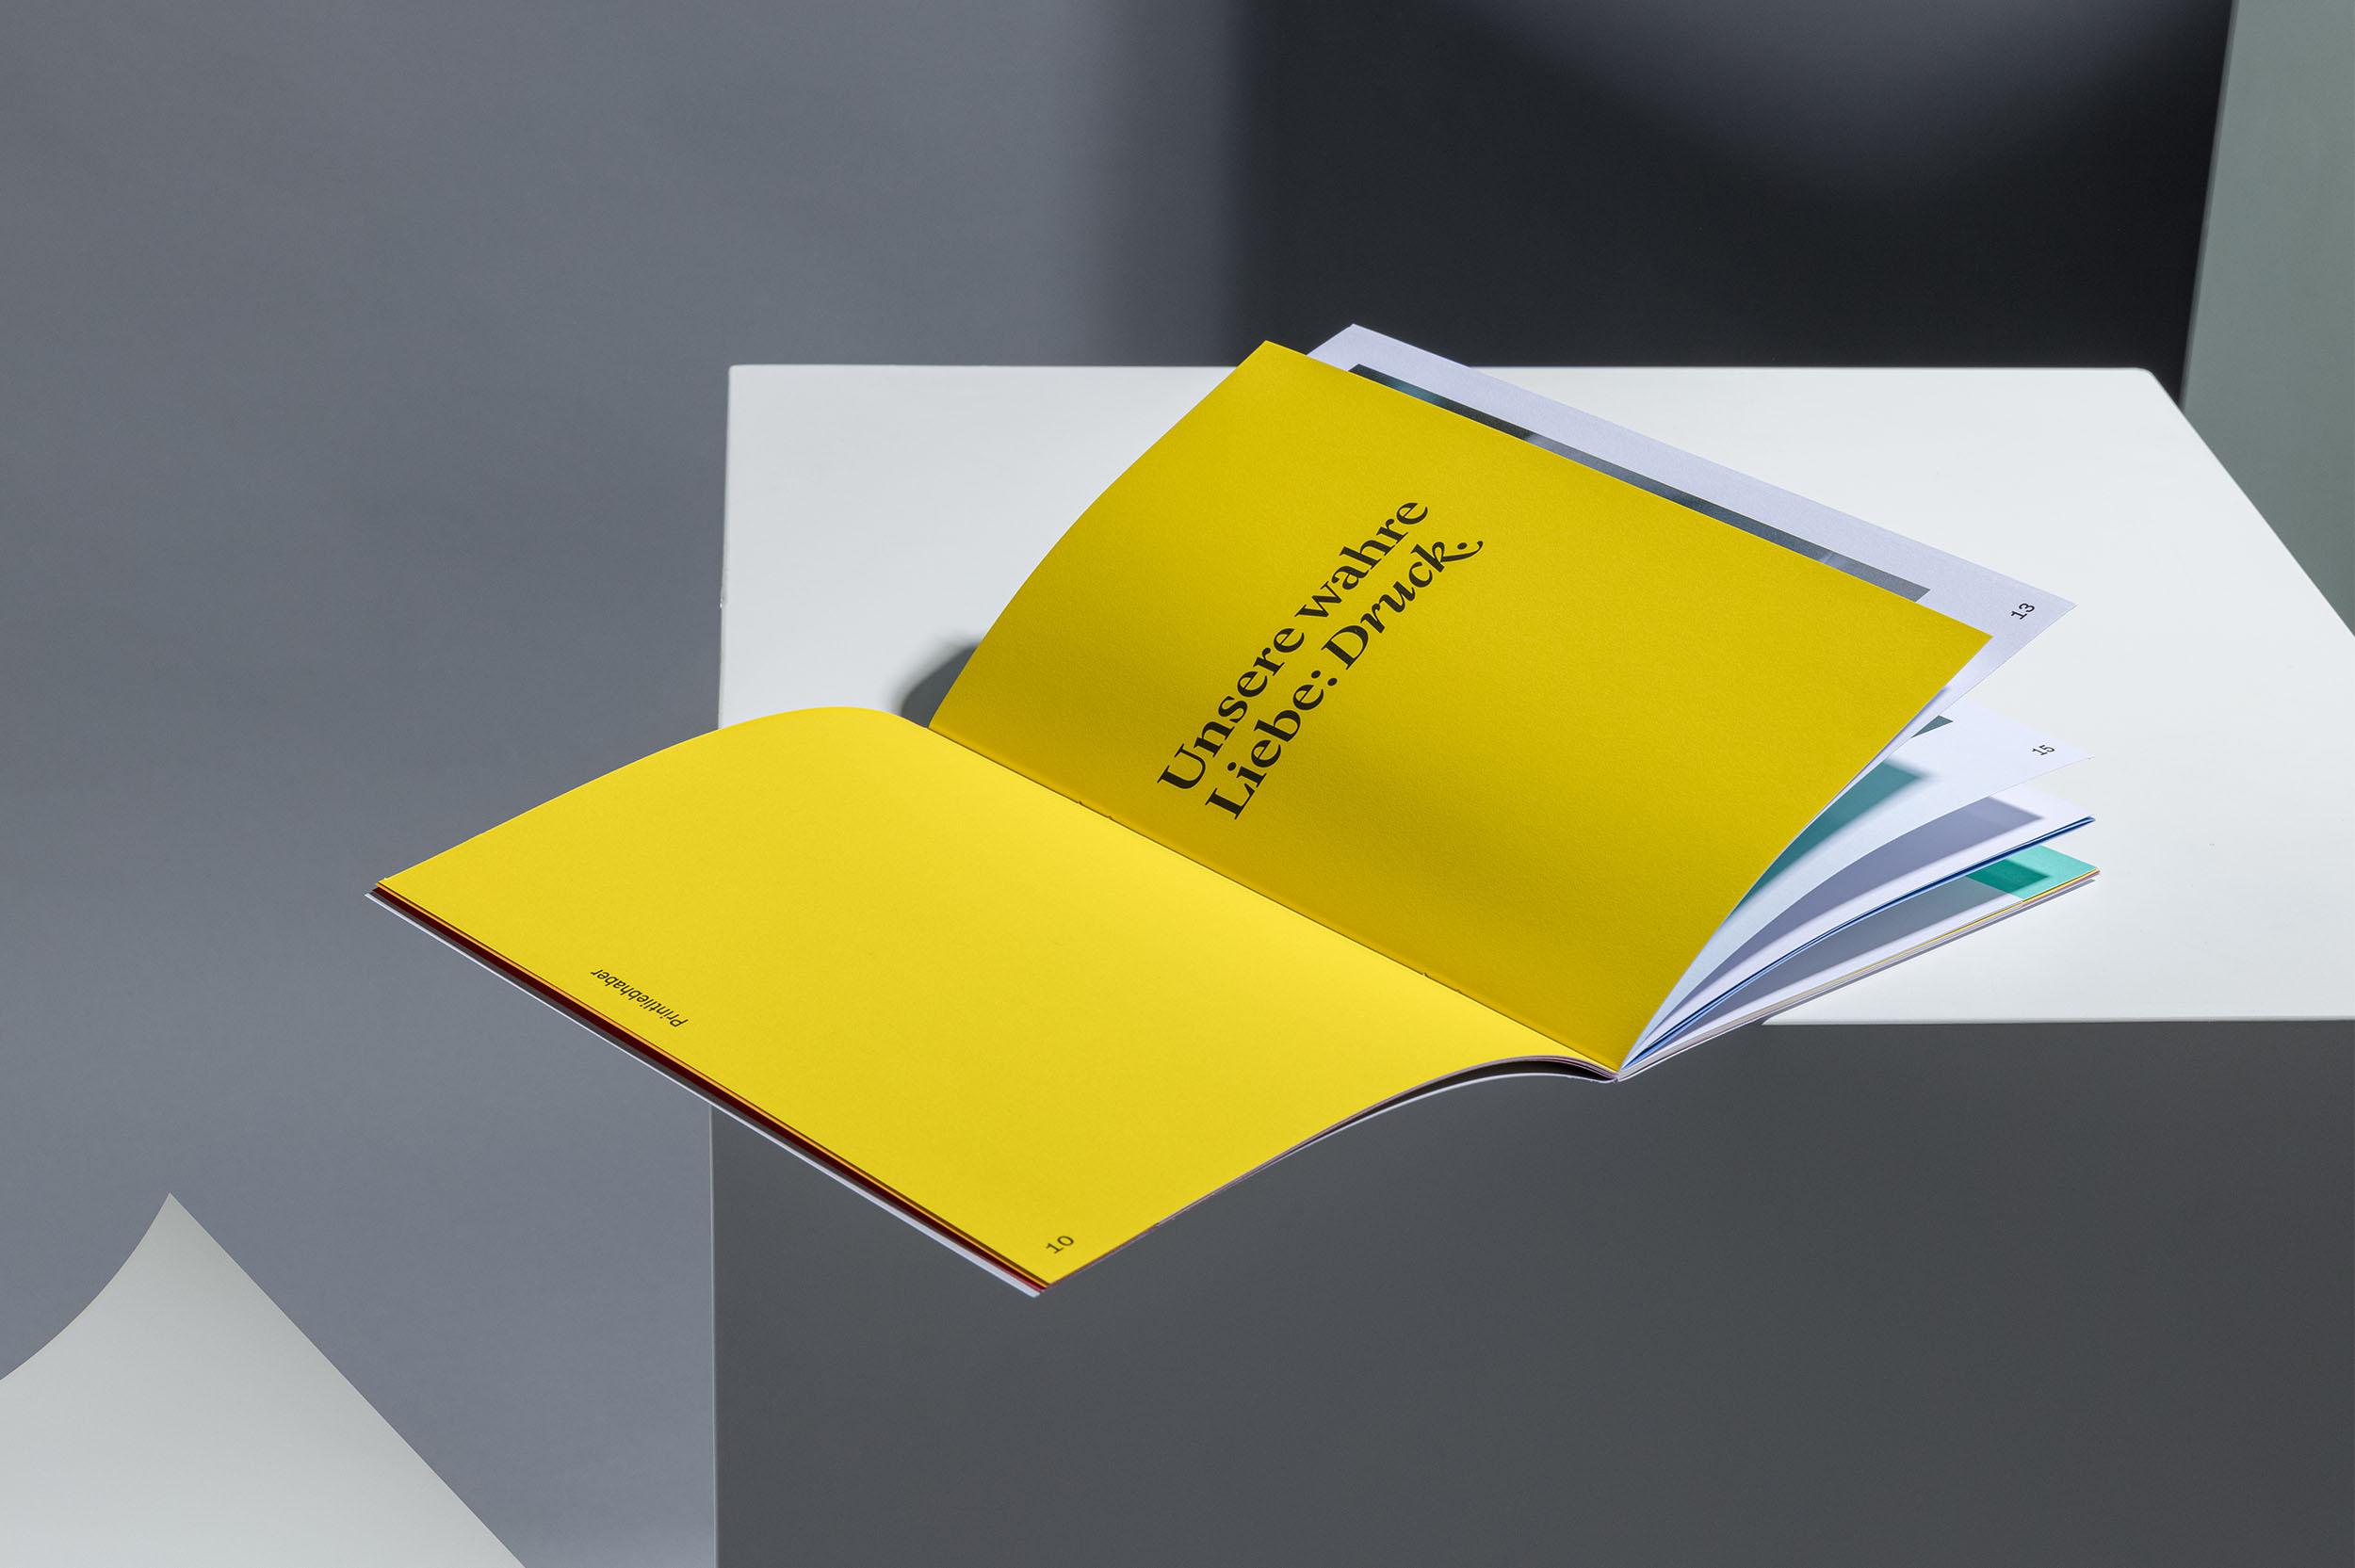 Aufgefächerte Imagebroschüre für Jordi AG, liegend auf weissem Kubus